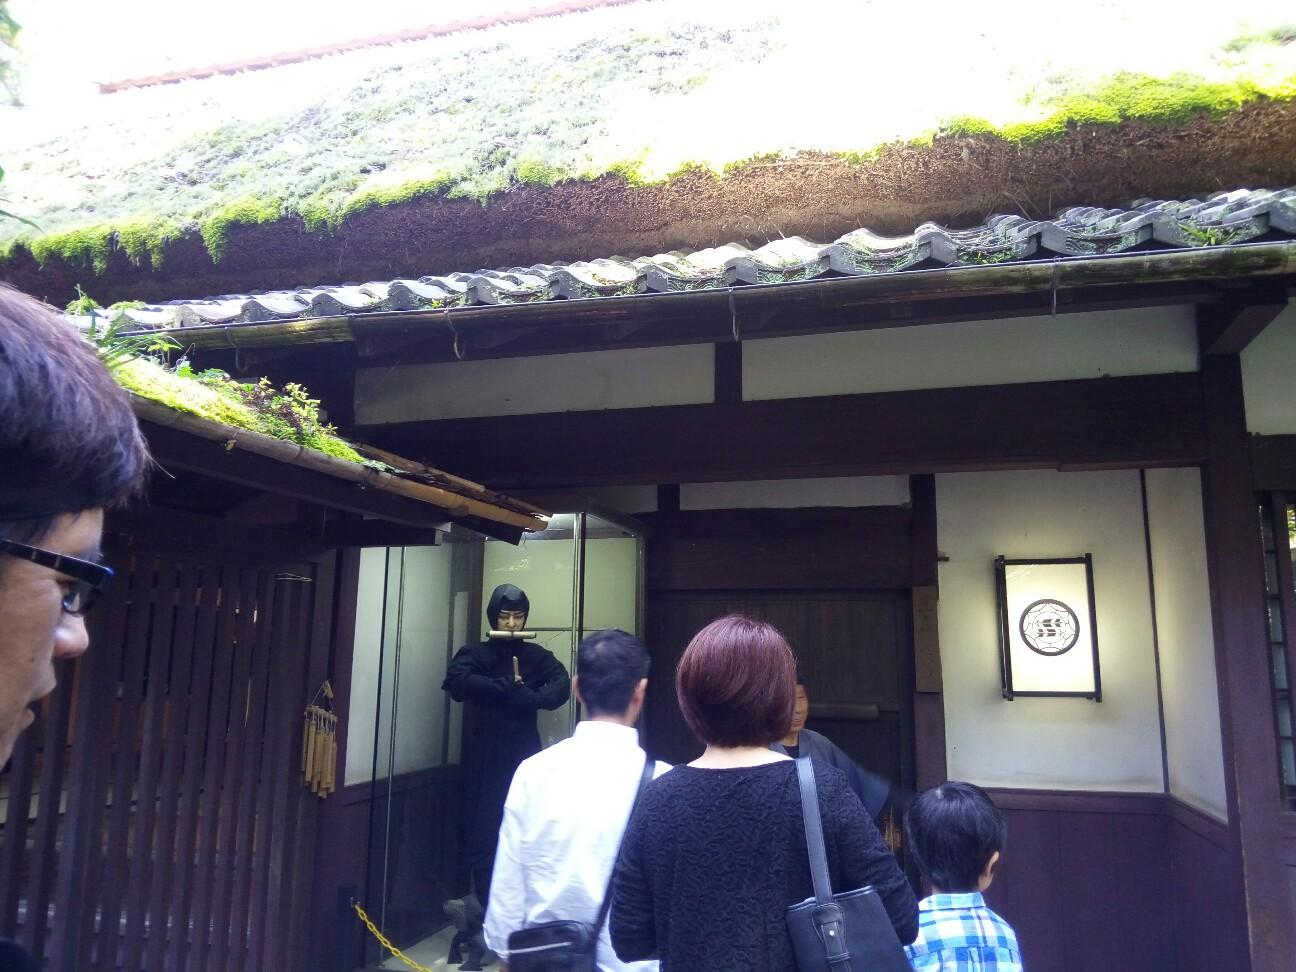 f:id:Osakaloopline:20171009174706j:image